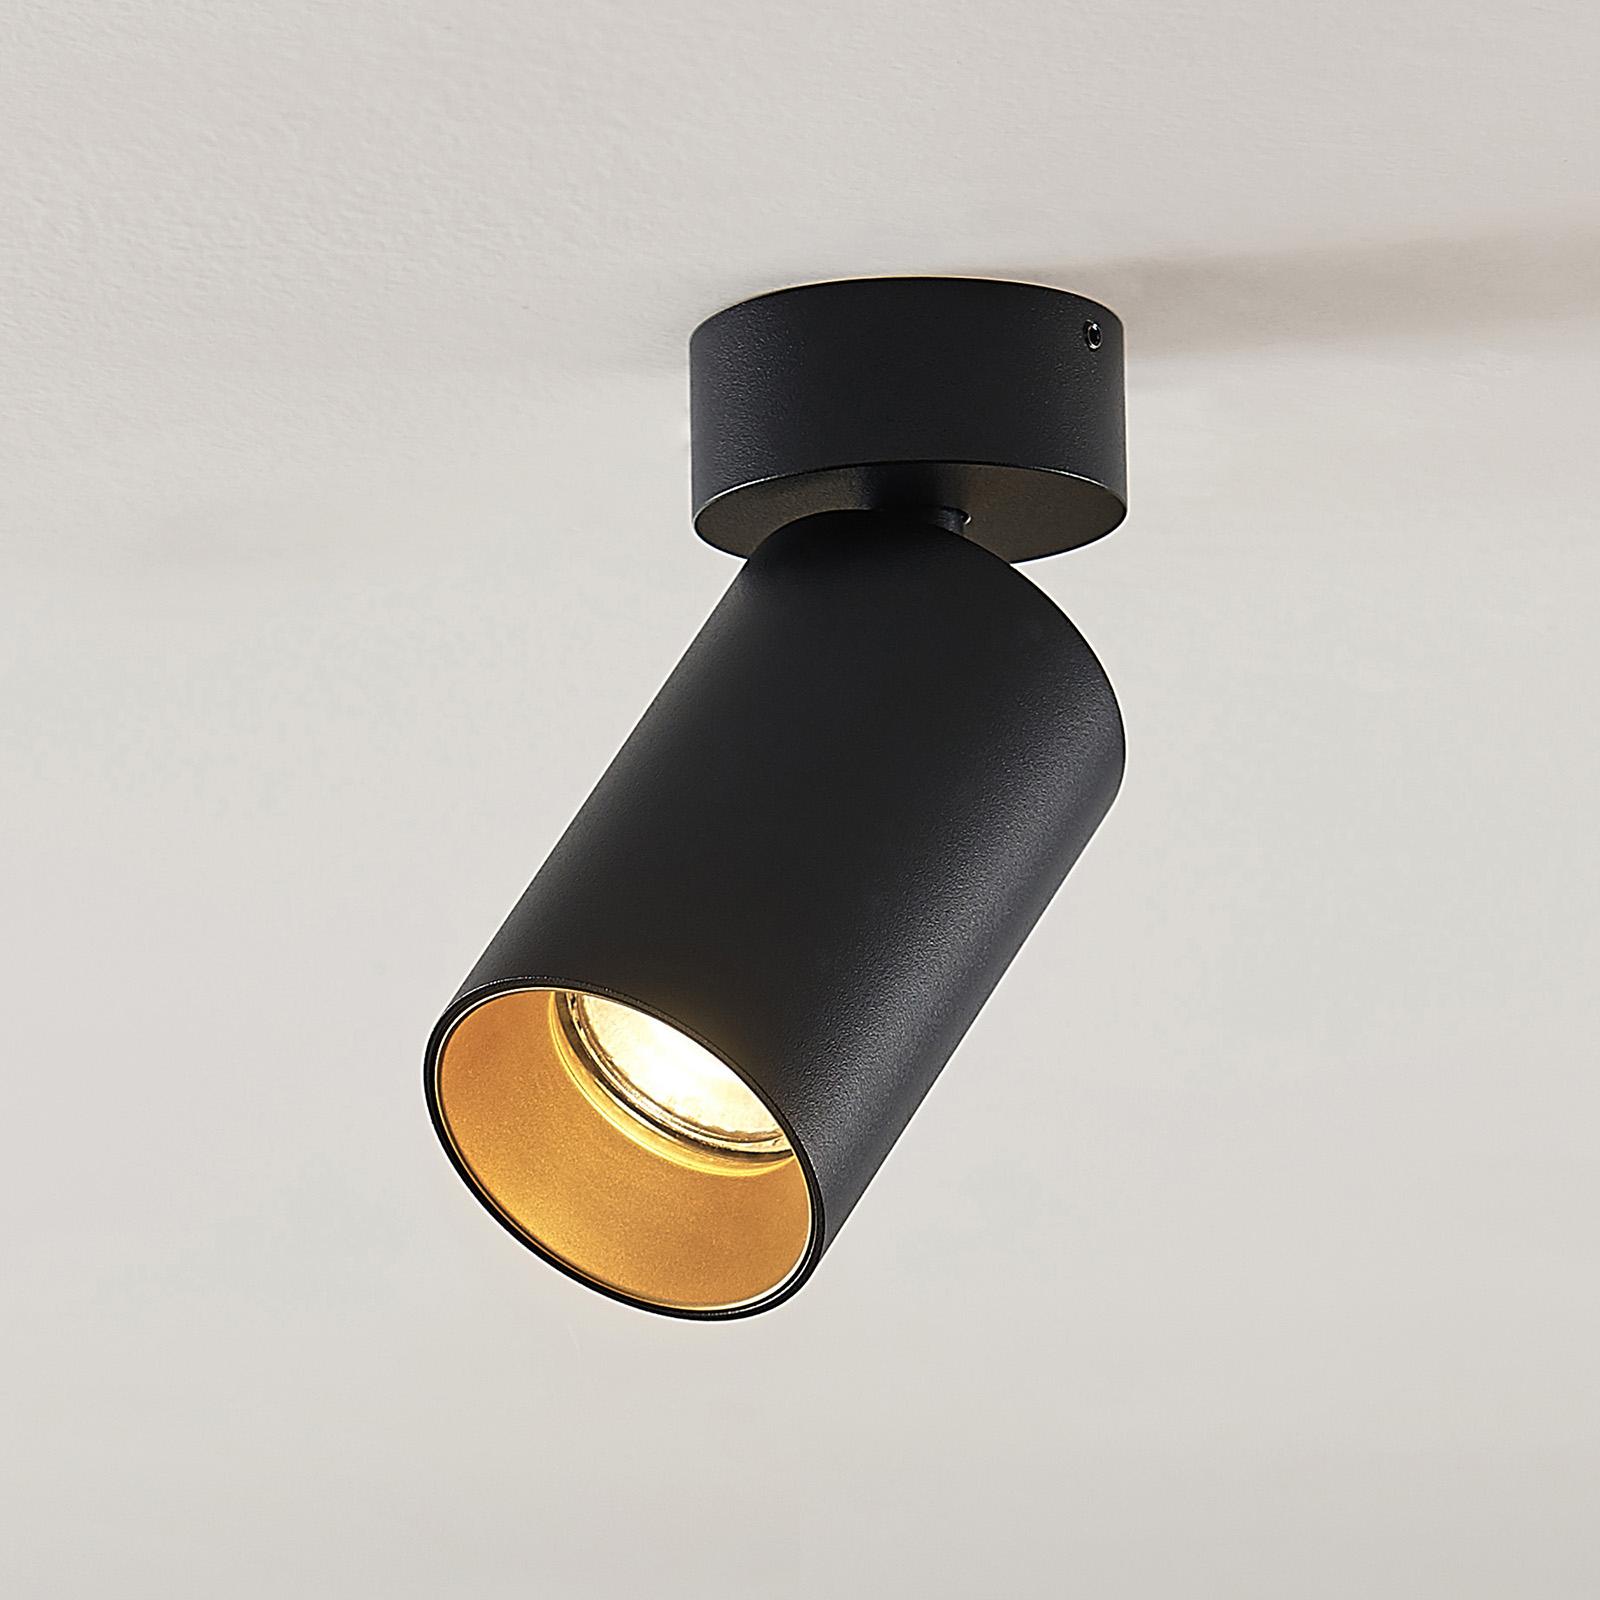 Spotlight Brinja, GU10, svart, 1 lampa, rund